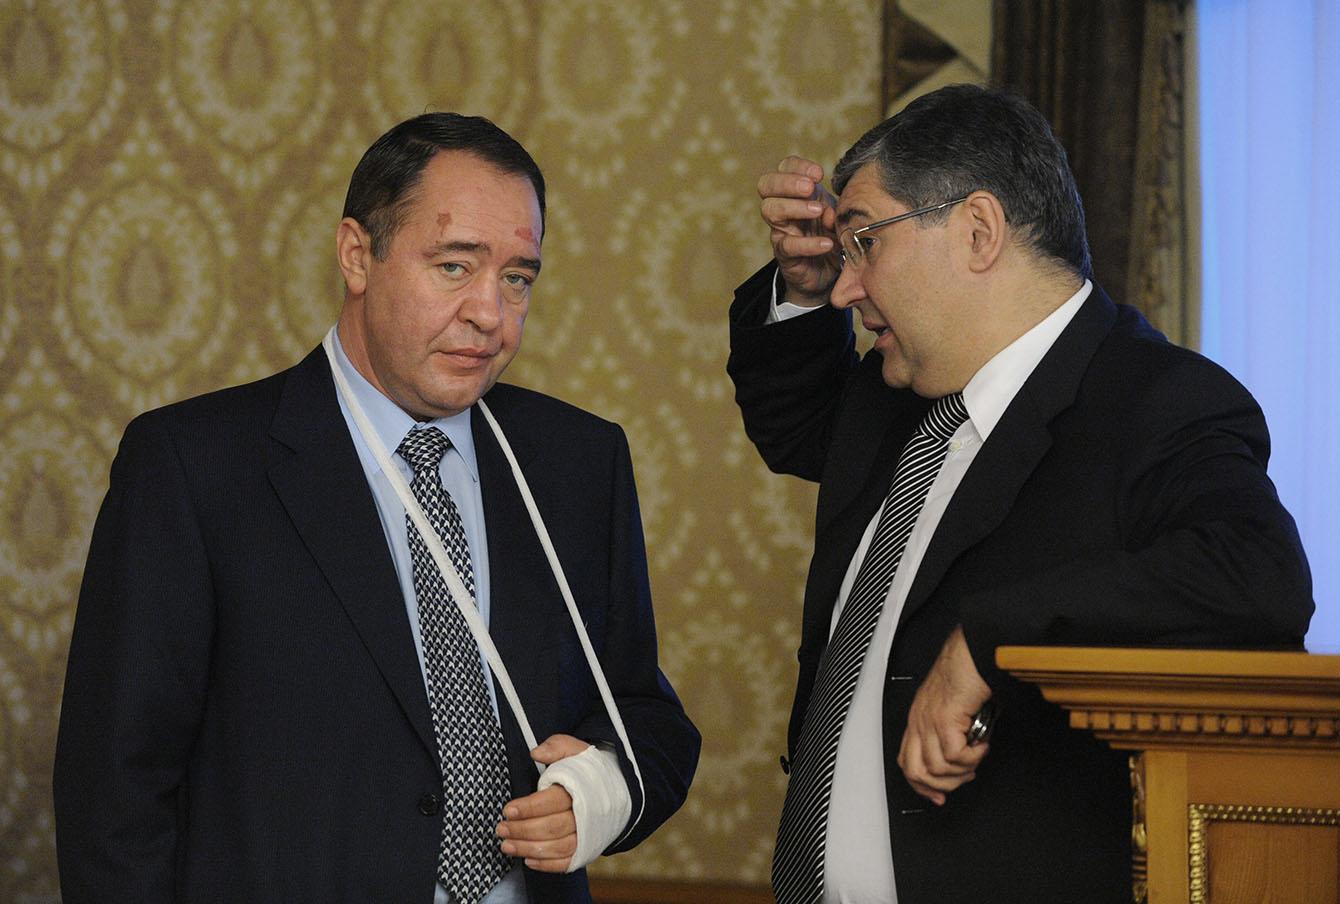 Первый зампред ВГТРК Михаил Лесин с главой ВГТРК Олегом Добродеевым, 2007 год.